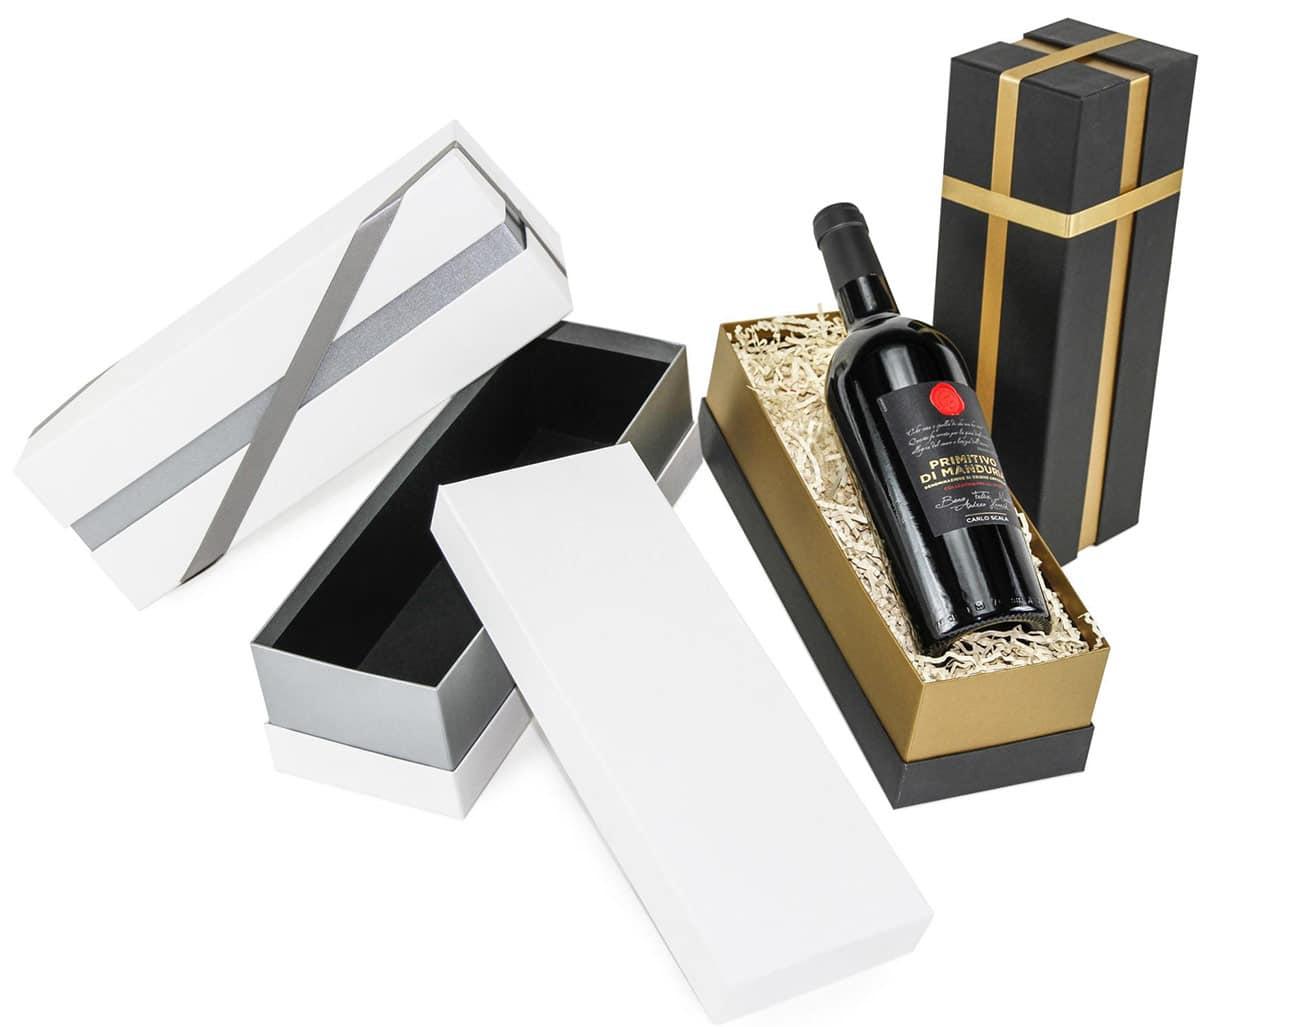 Weihnachtsgeschenke für Kunden finden - Geschenkset Wein